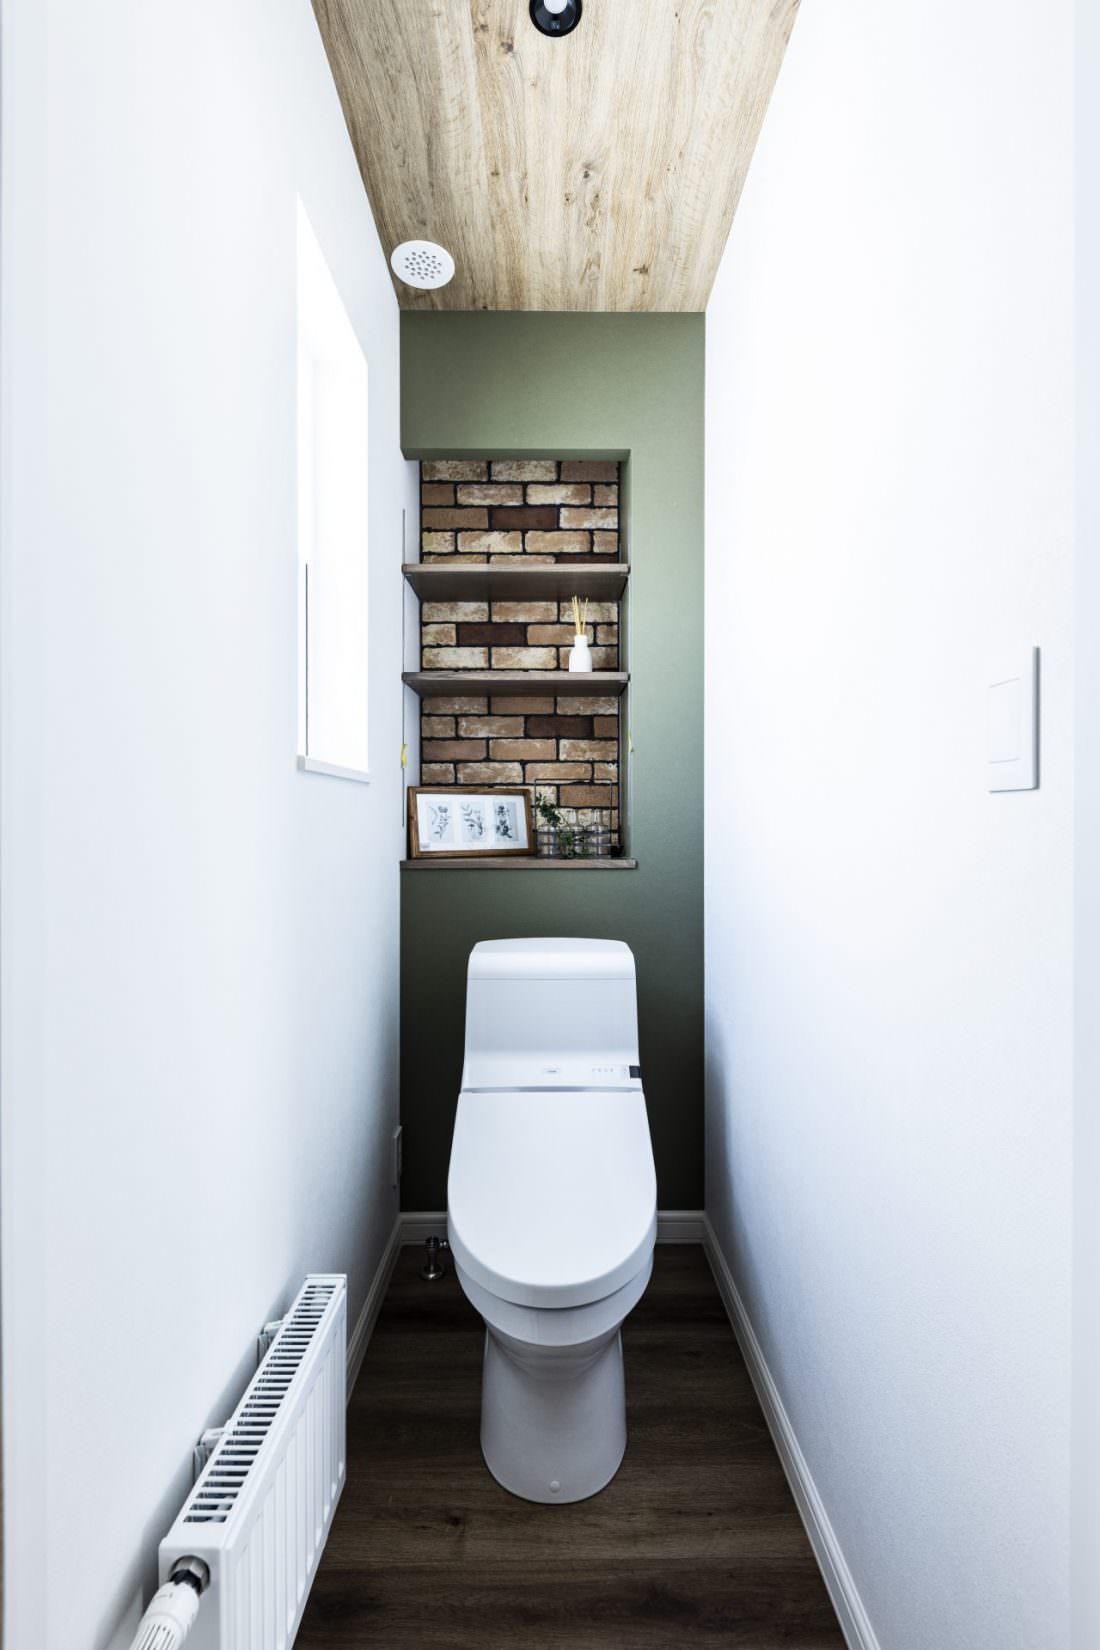 モスグリーンの壁紙でお店のようなおしゃれなトイレ